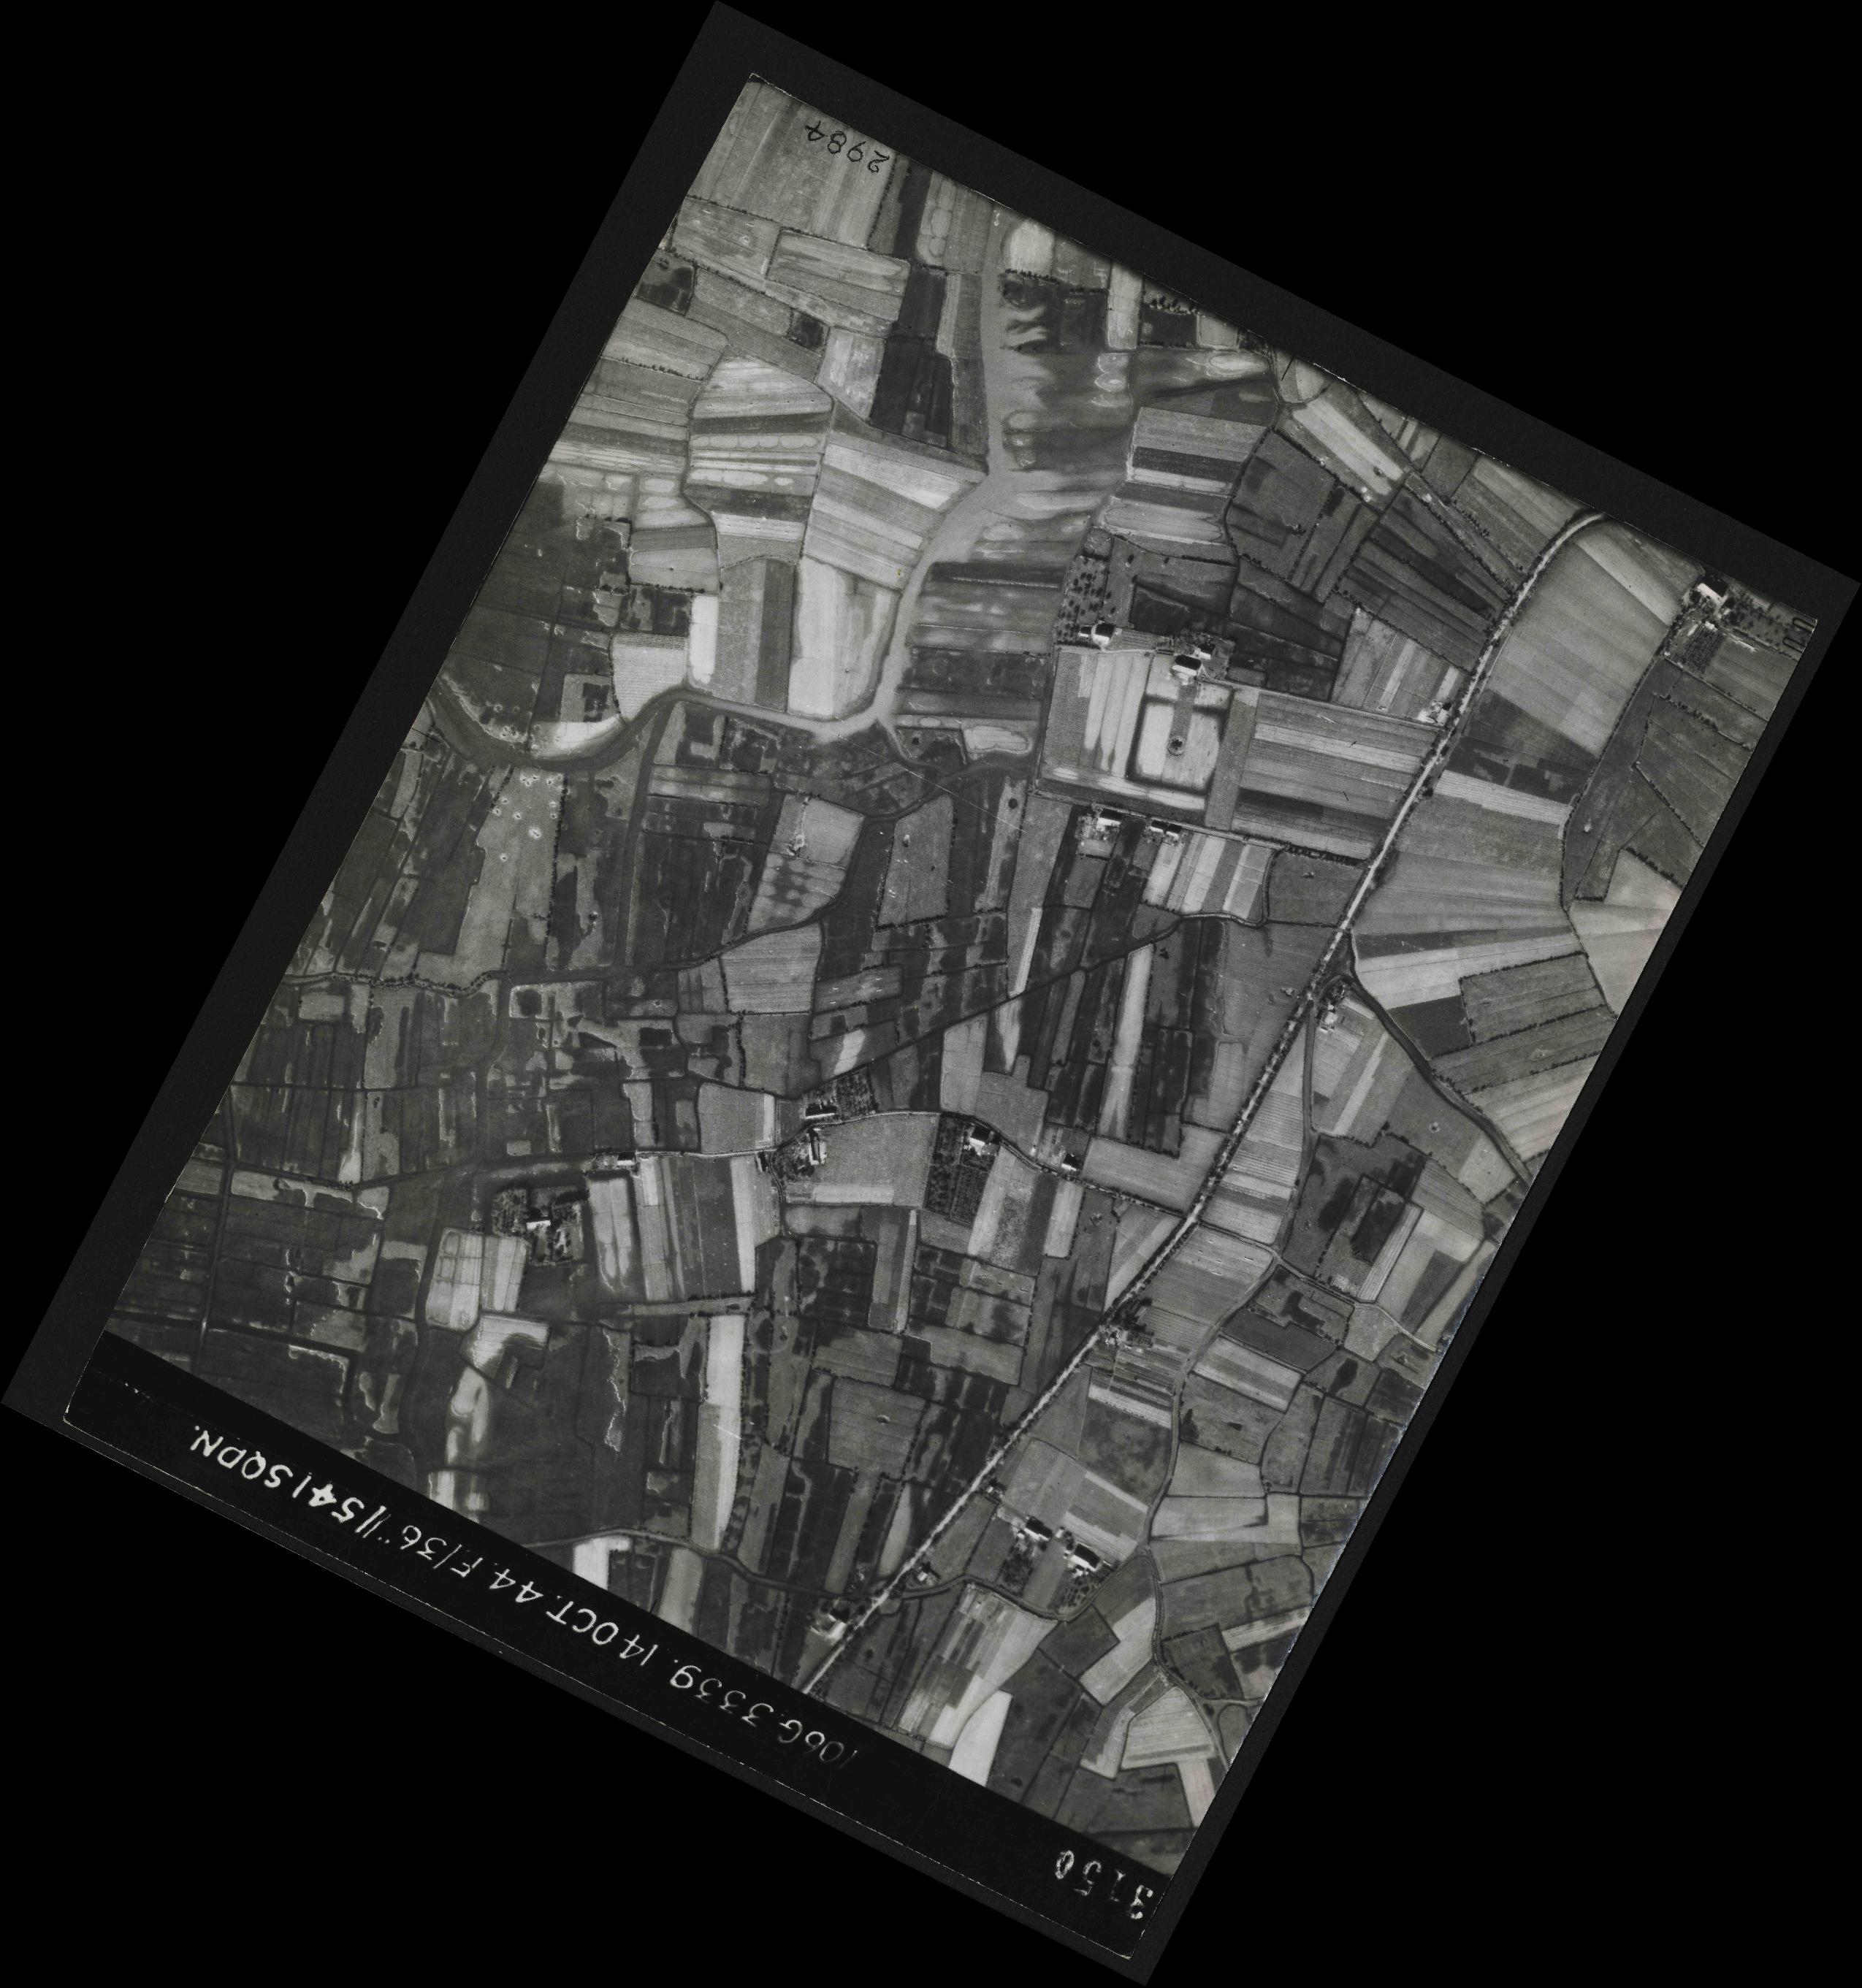 Collection RAF aerial photos 1940-1945 - flight 042, run 06, photo 3150